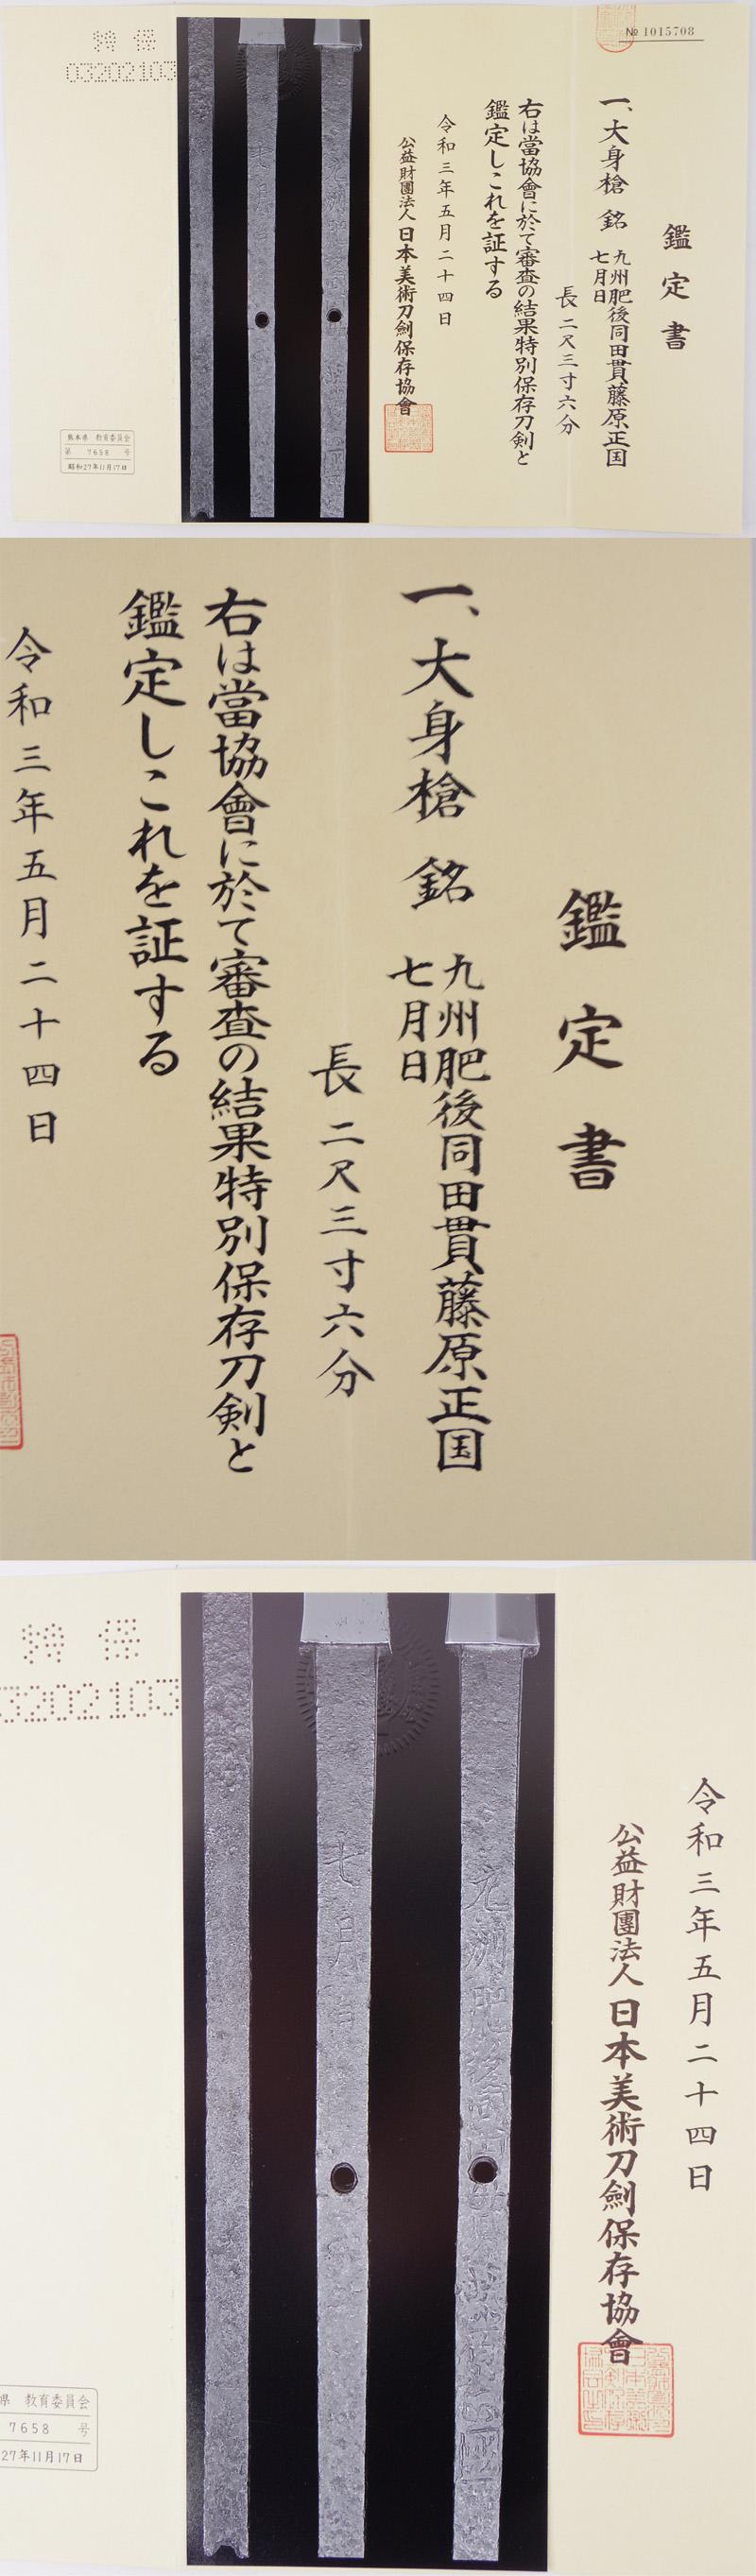 大身槍 九州肥後同田貫藤原正国    七月日 Picture of Certificate